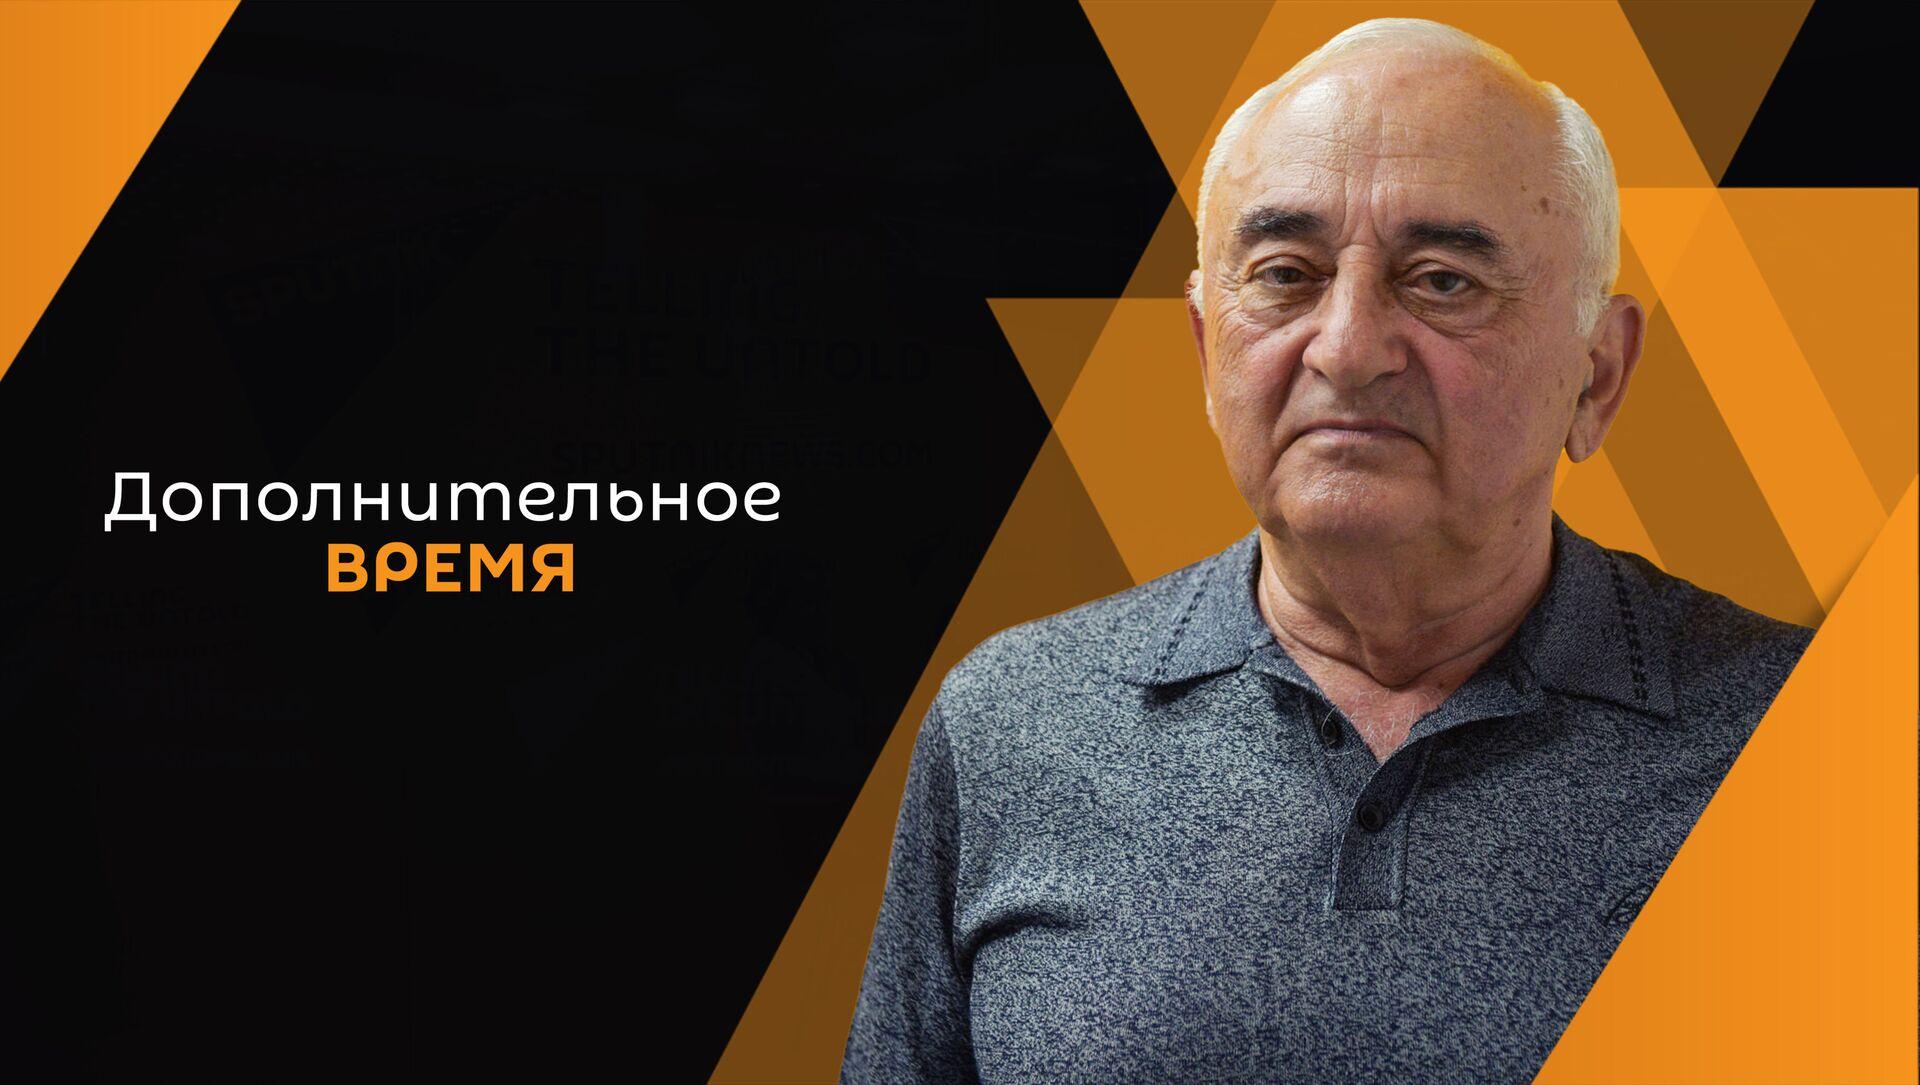 Валерий Аршба. - Sputnik Абхазия, 1920, 15.08.2021